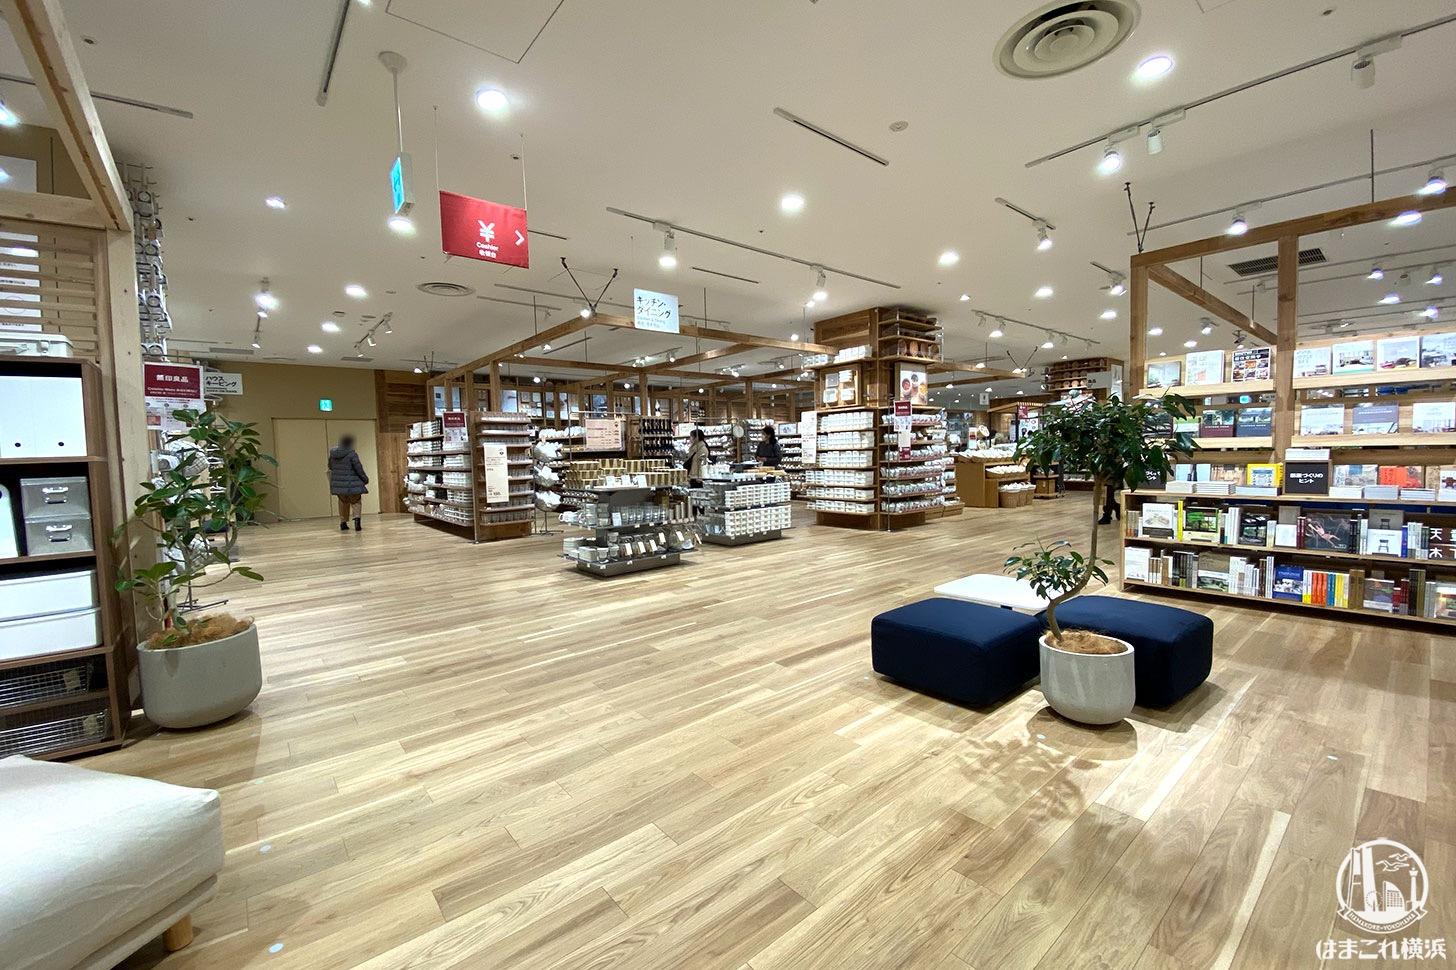 神奈川最大級の無印良品(コレットマーレ)が期待以上に広くて快適!MUJIブックスも